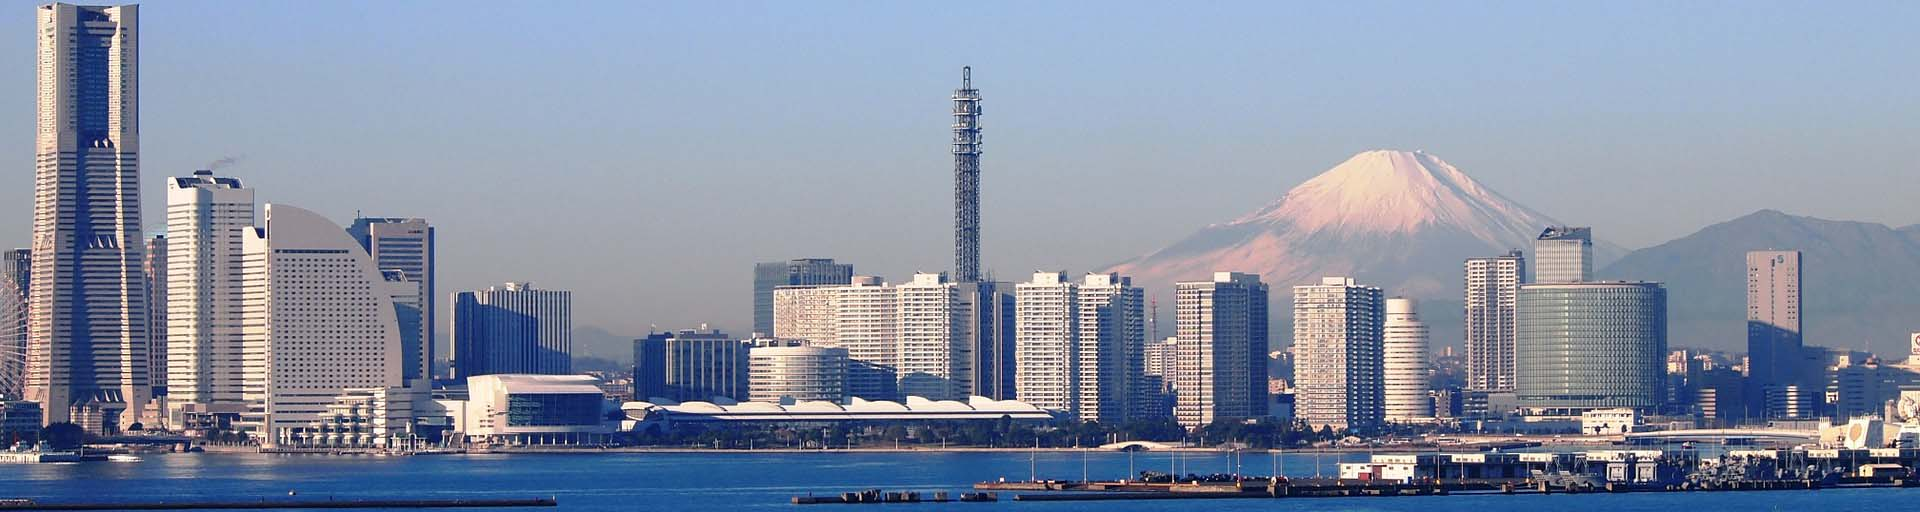 横浜市で往診ができる動物病院9選|口コミ掲載